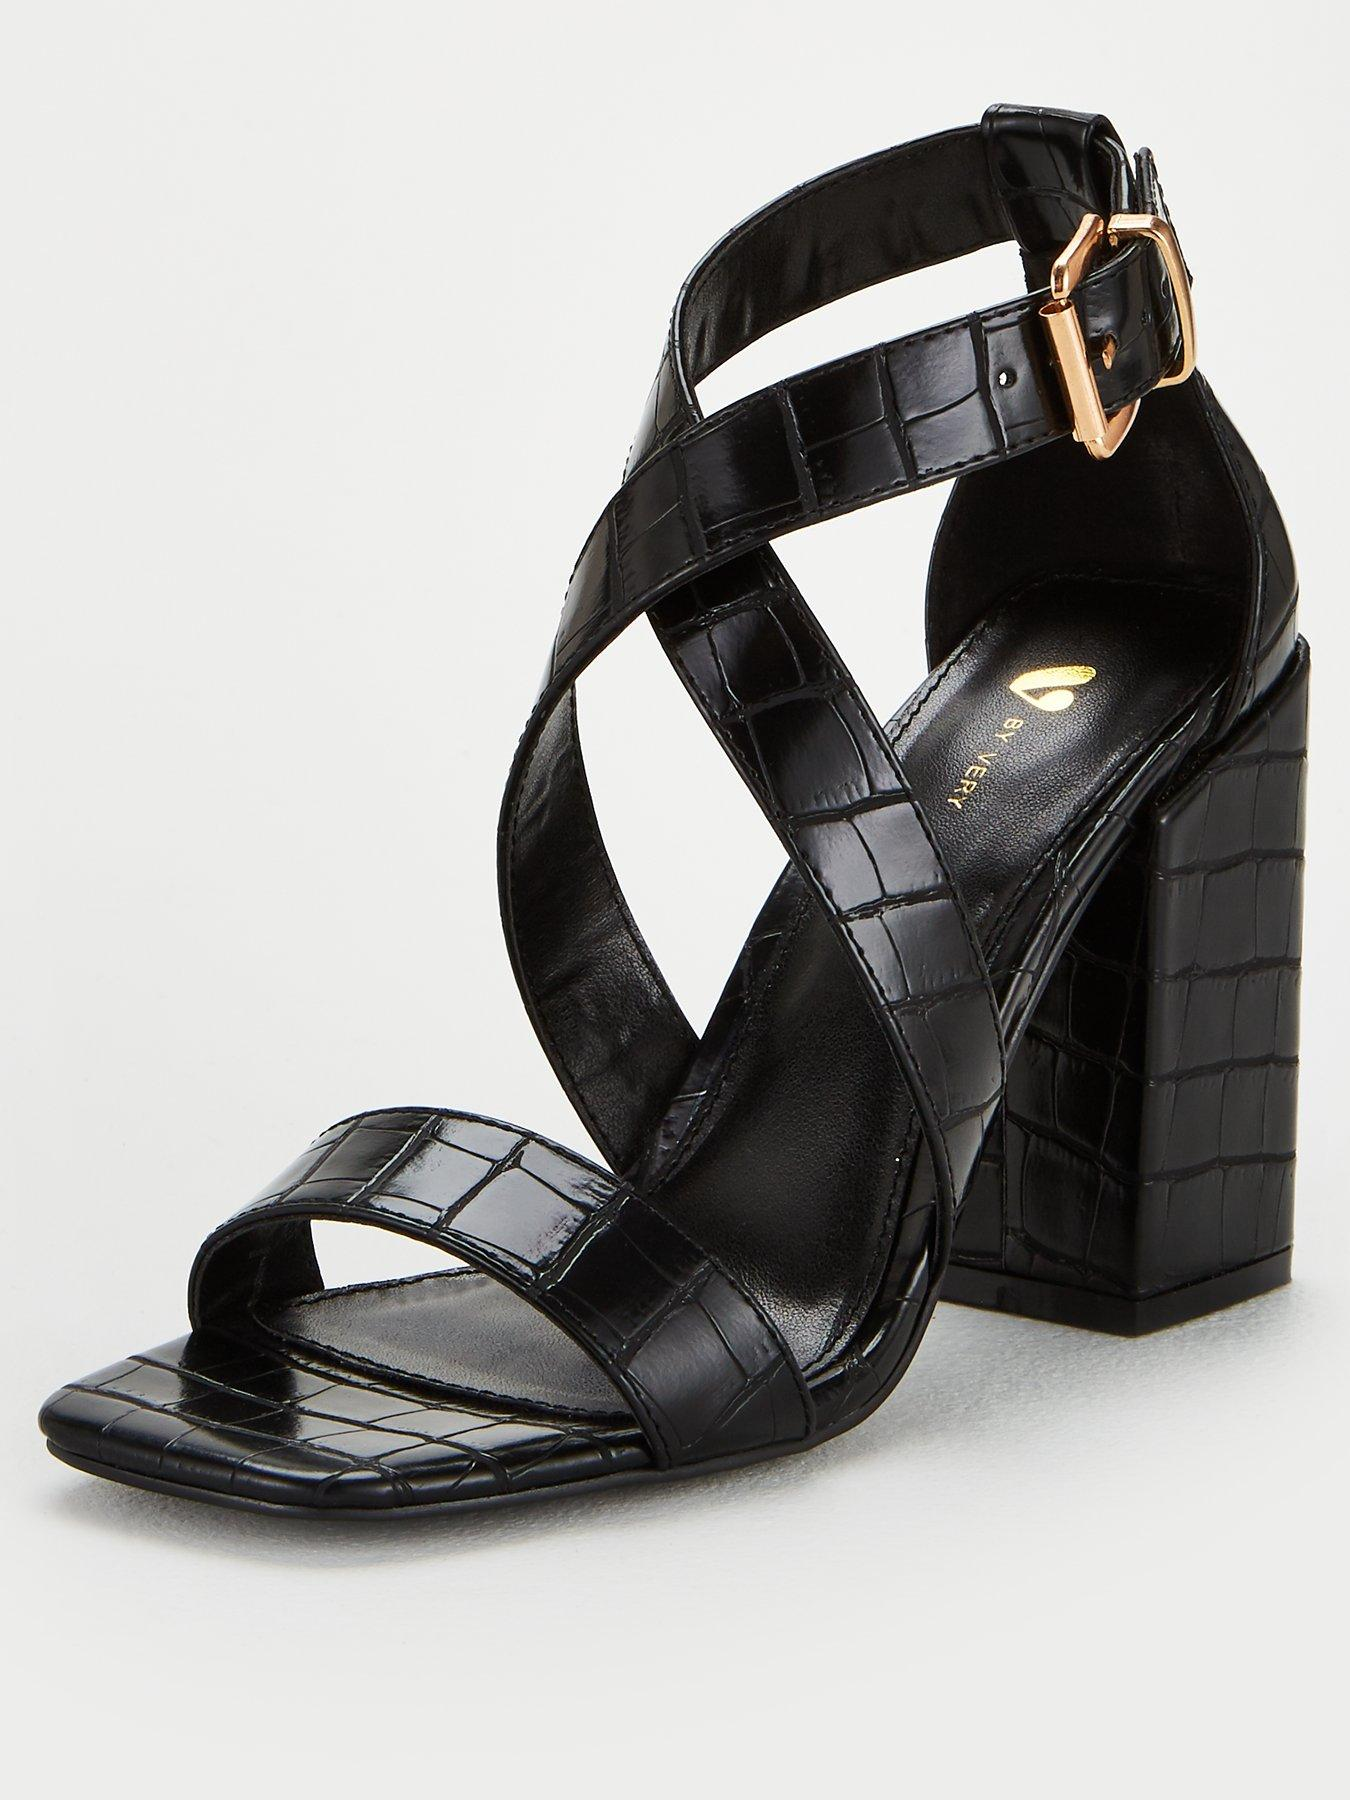 New Wedge Summer Sandal Elastic Back Sling Ribbon Design Stone T-Bar Open Toe